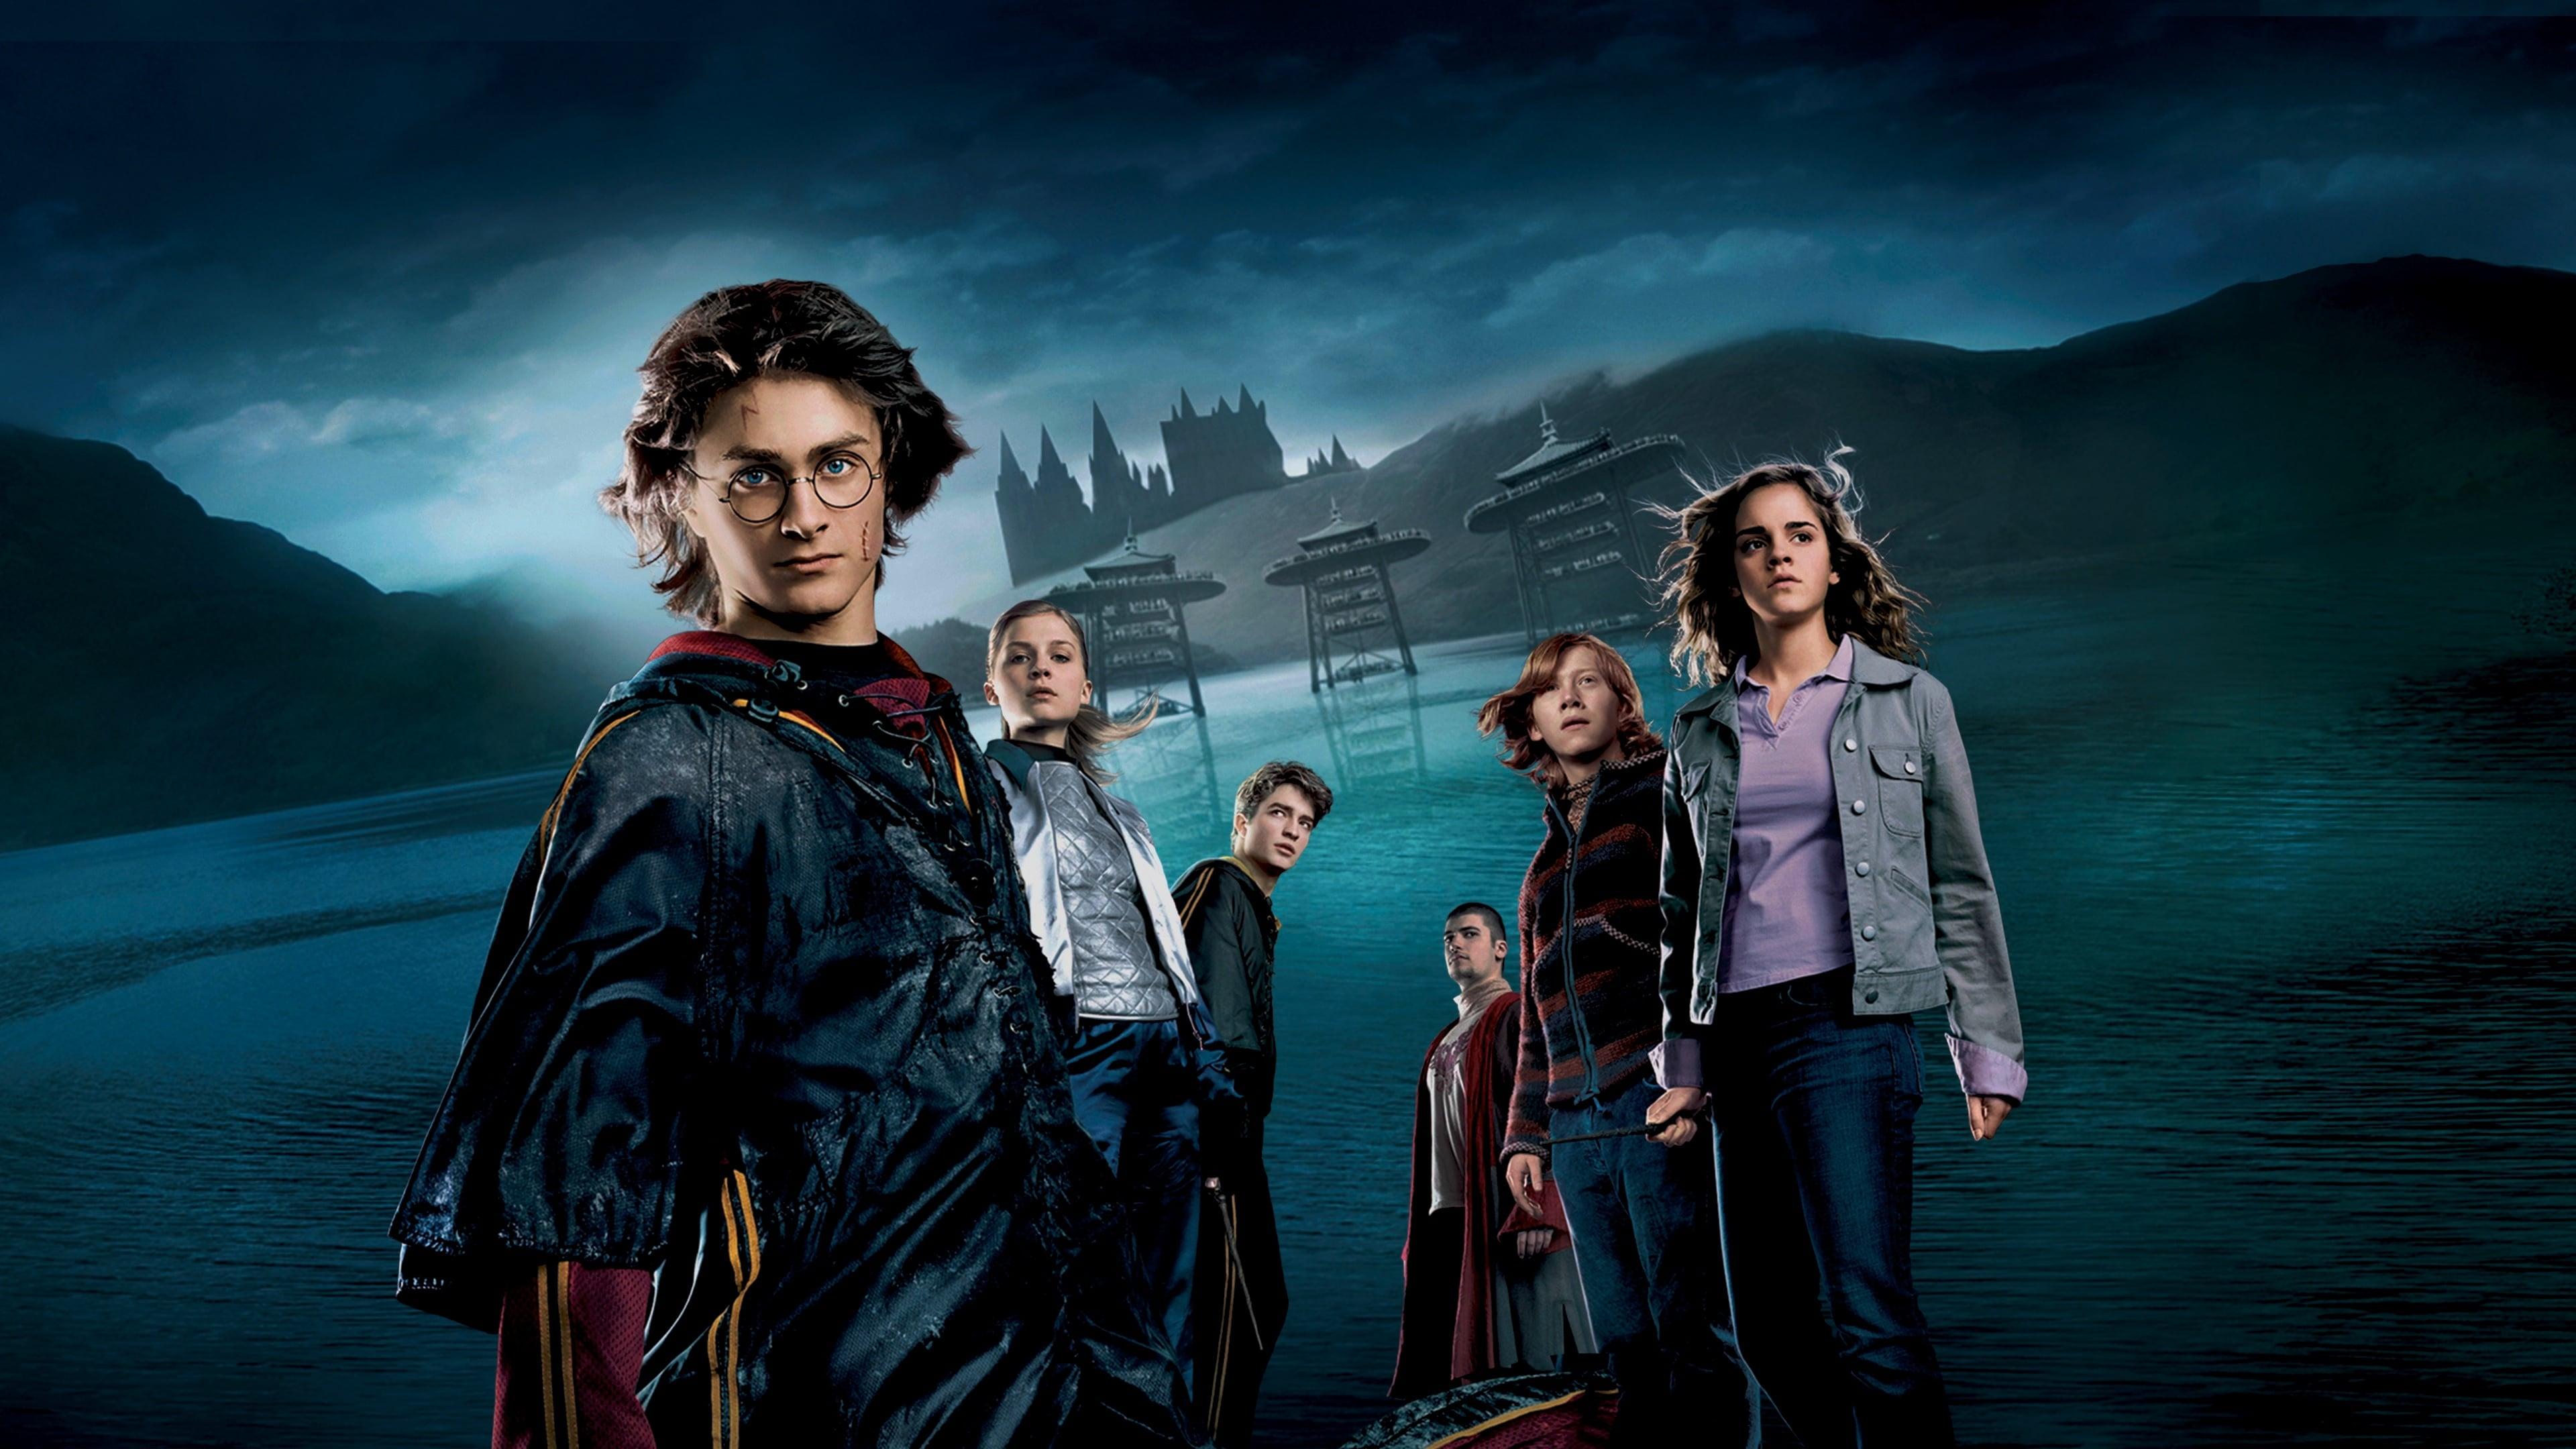 Harry potter et la coupe de feu 2005 film cin s ries - Harry potter et la coupe du feu ...